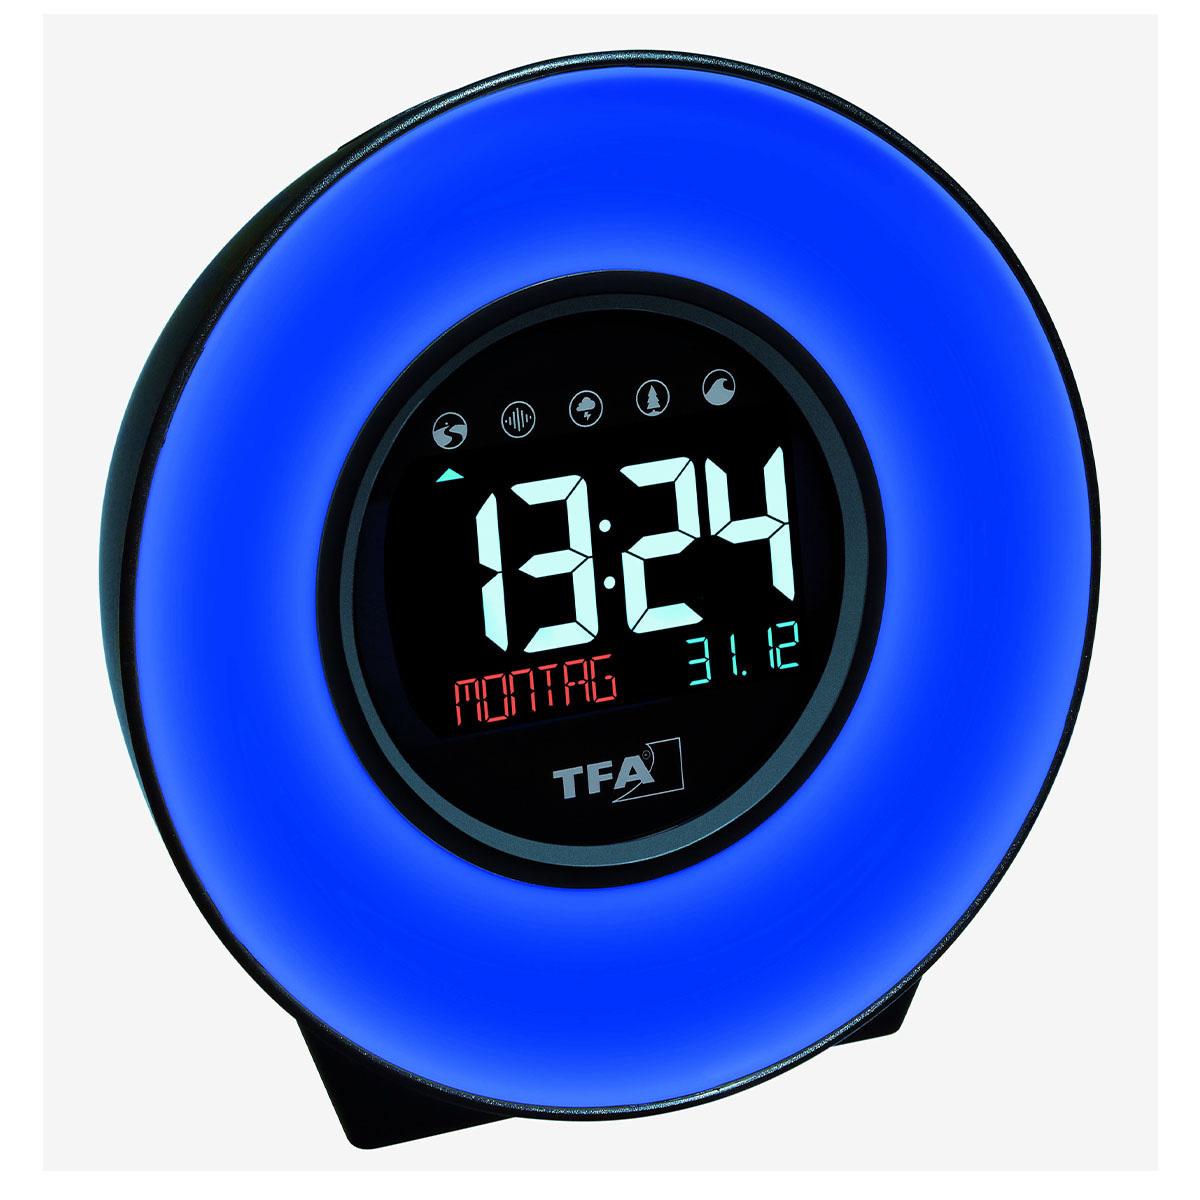 60-2023-02-lichtwecker-mit-naturgeräuschen-farbwechsel-stimmungslicht-mood-light-blau-1200x1200px.jpg